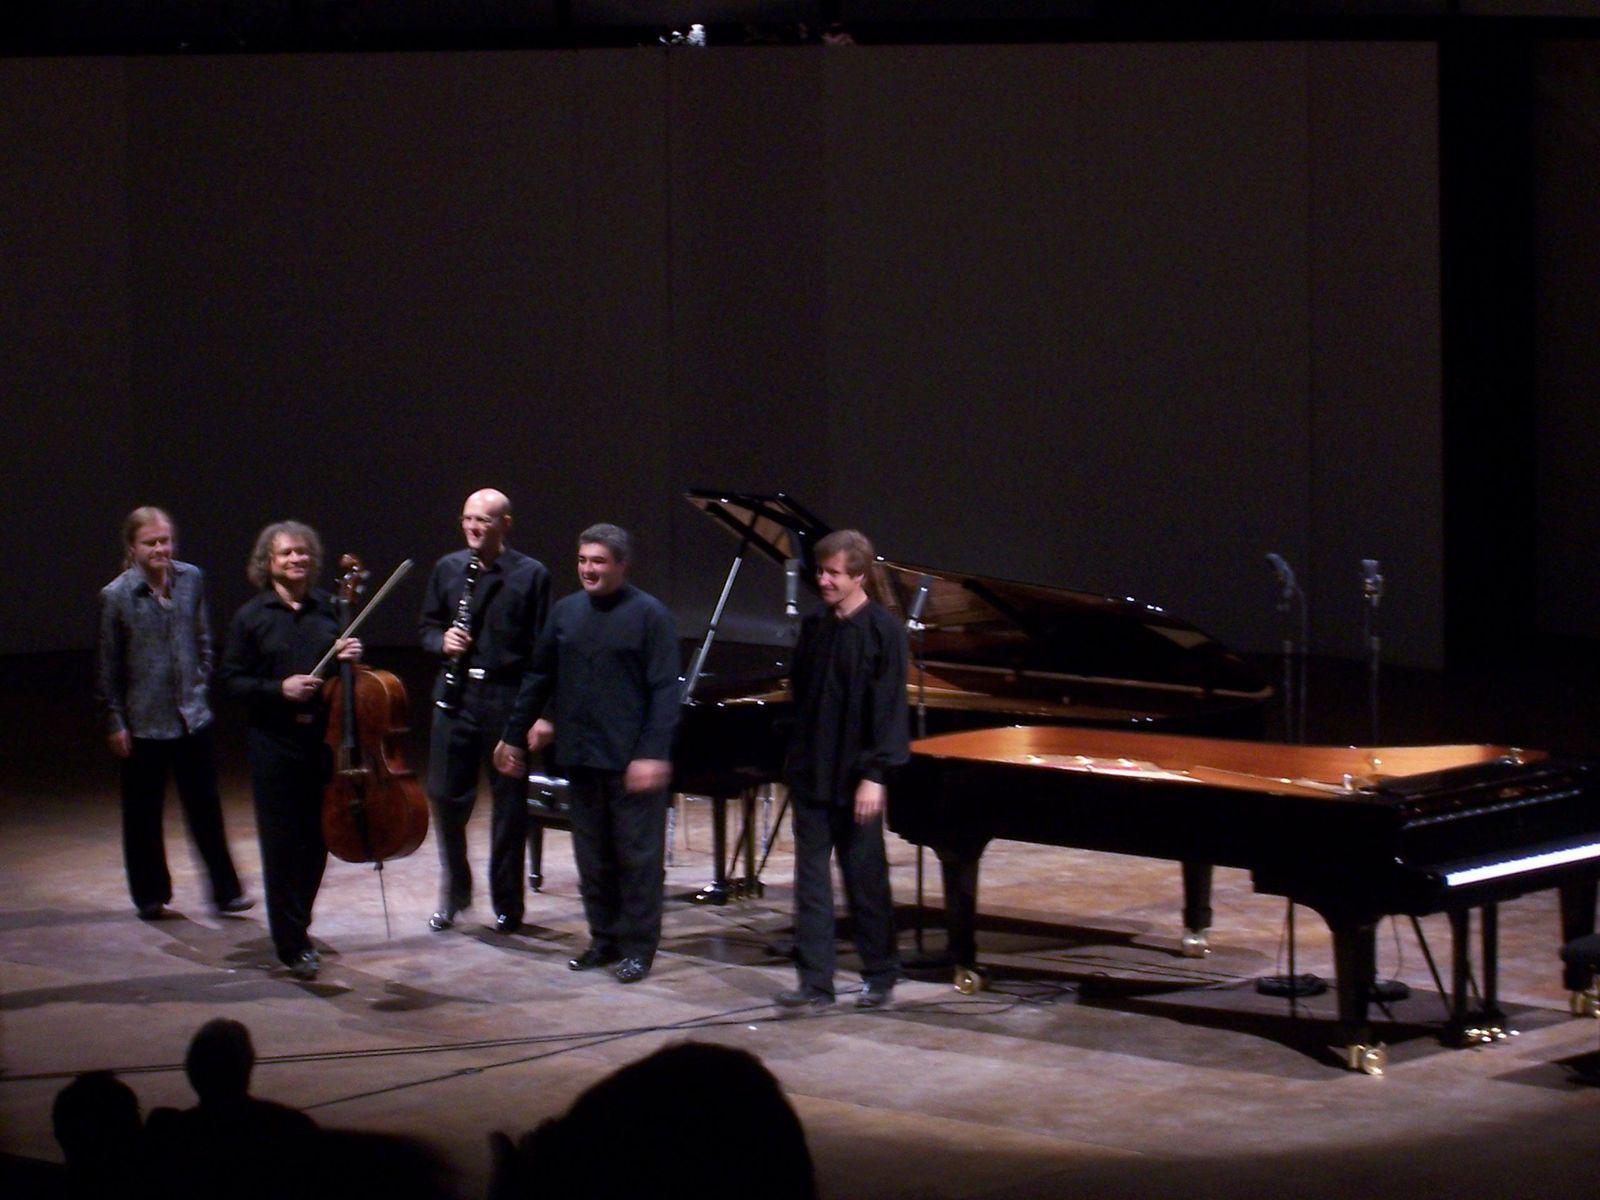 Festival international de piano_La Roque-d'Anthéron